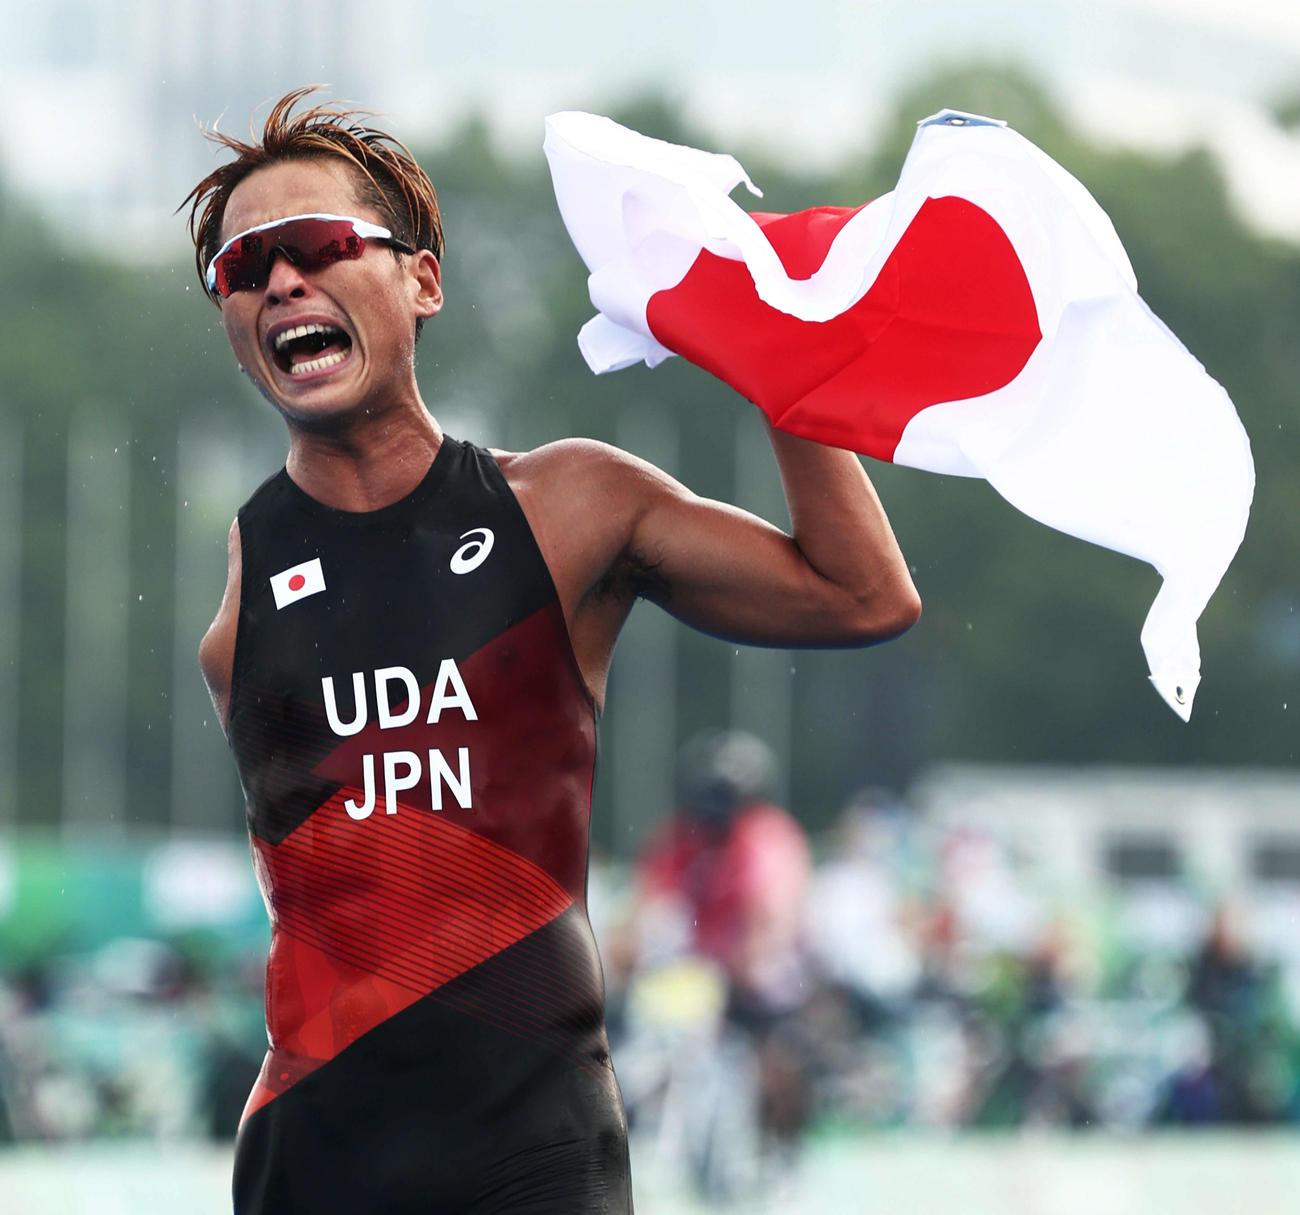 2位でフィニッシュし銀メダルを決める宇田は、日の丸を手に雄たけびを上げる(撮影・河田真司)